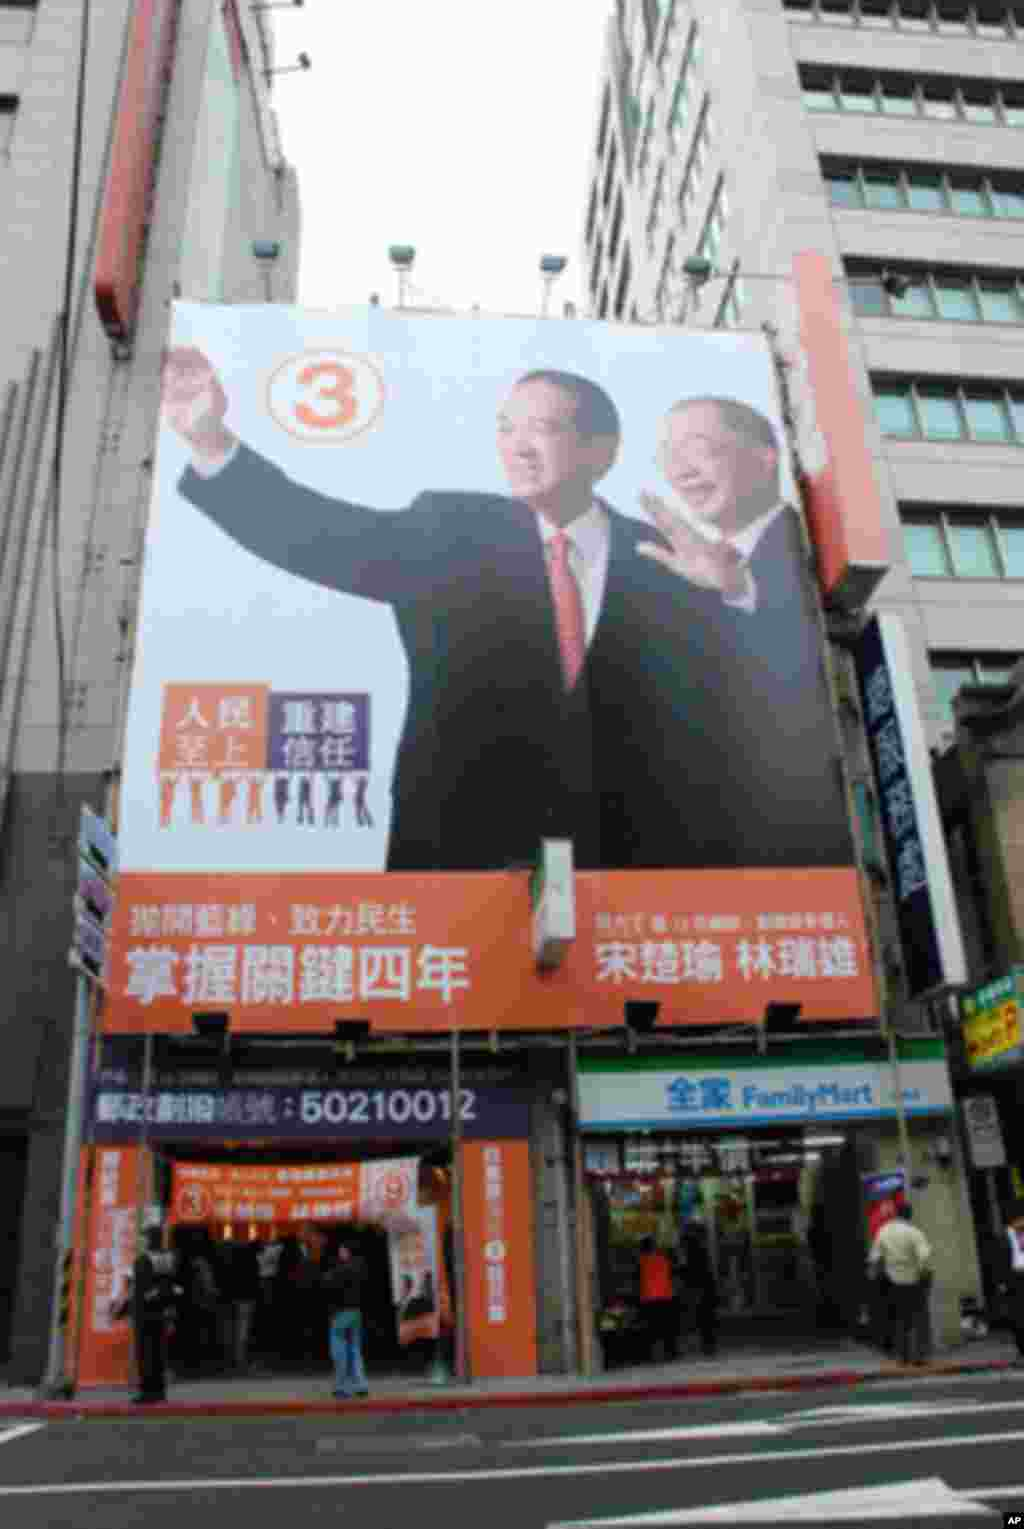 親民黨總統候選人宋楚瑜台北市競選總部外貌